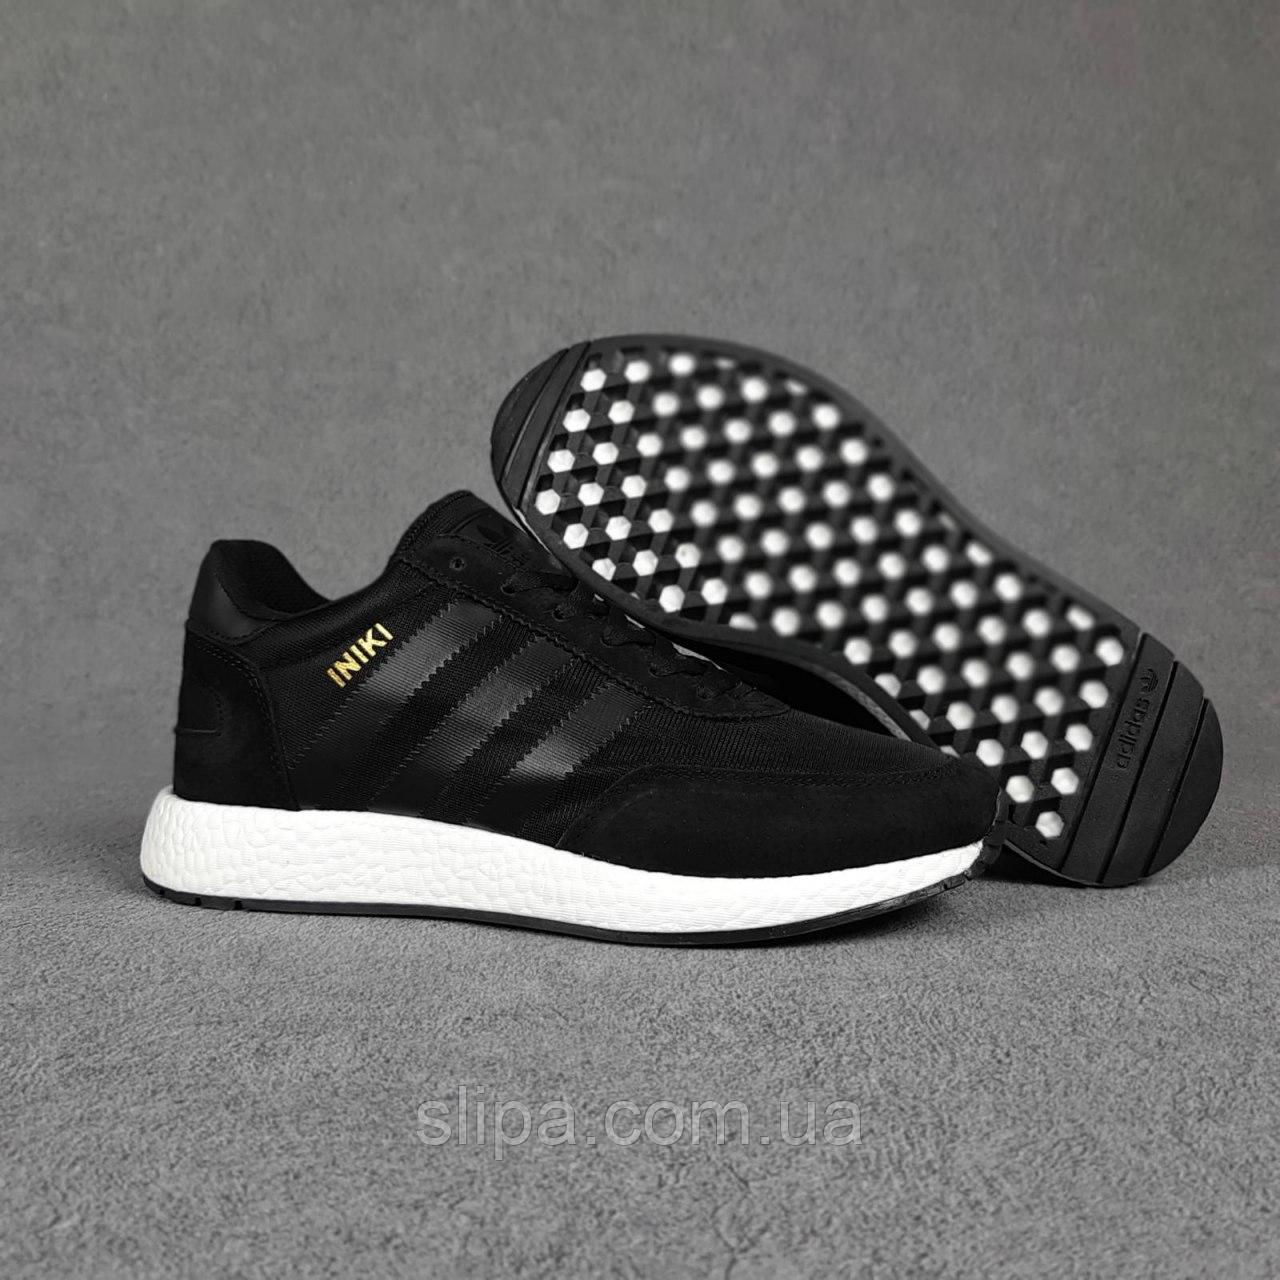 Мужские замшевые кроссовки Adidas INIKI, чёрные